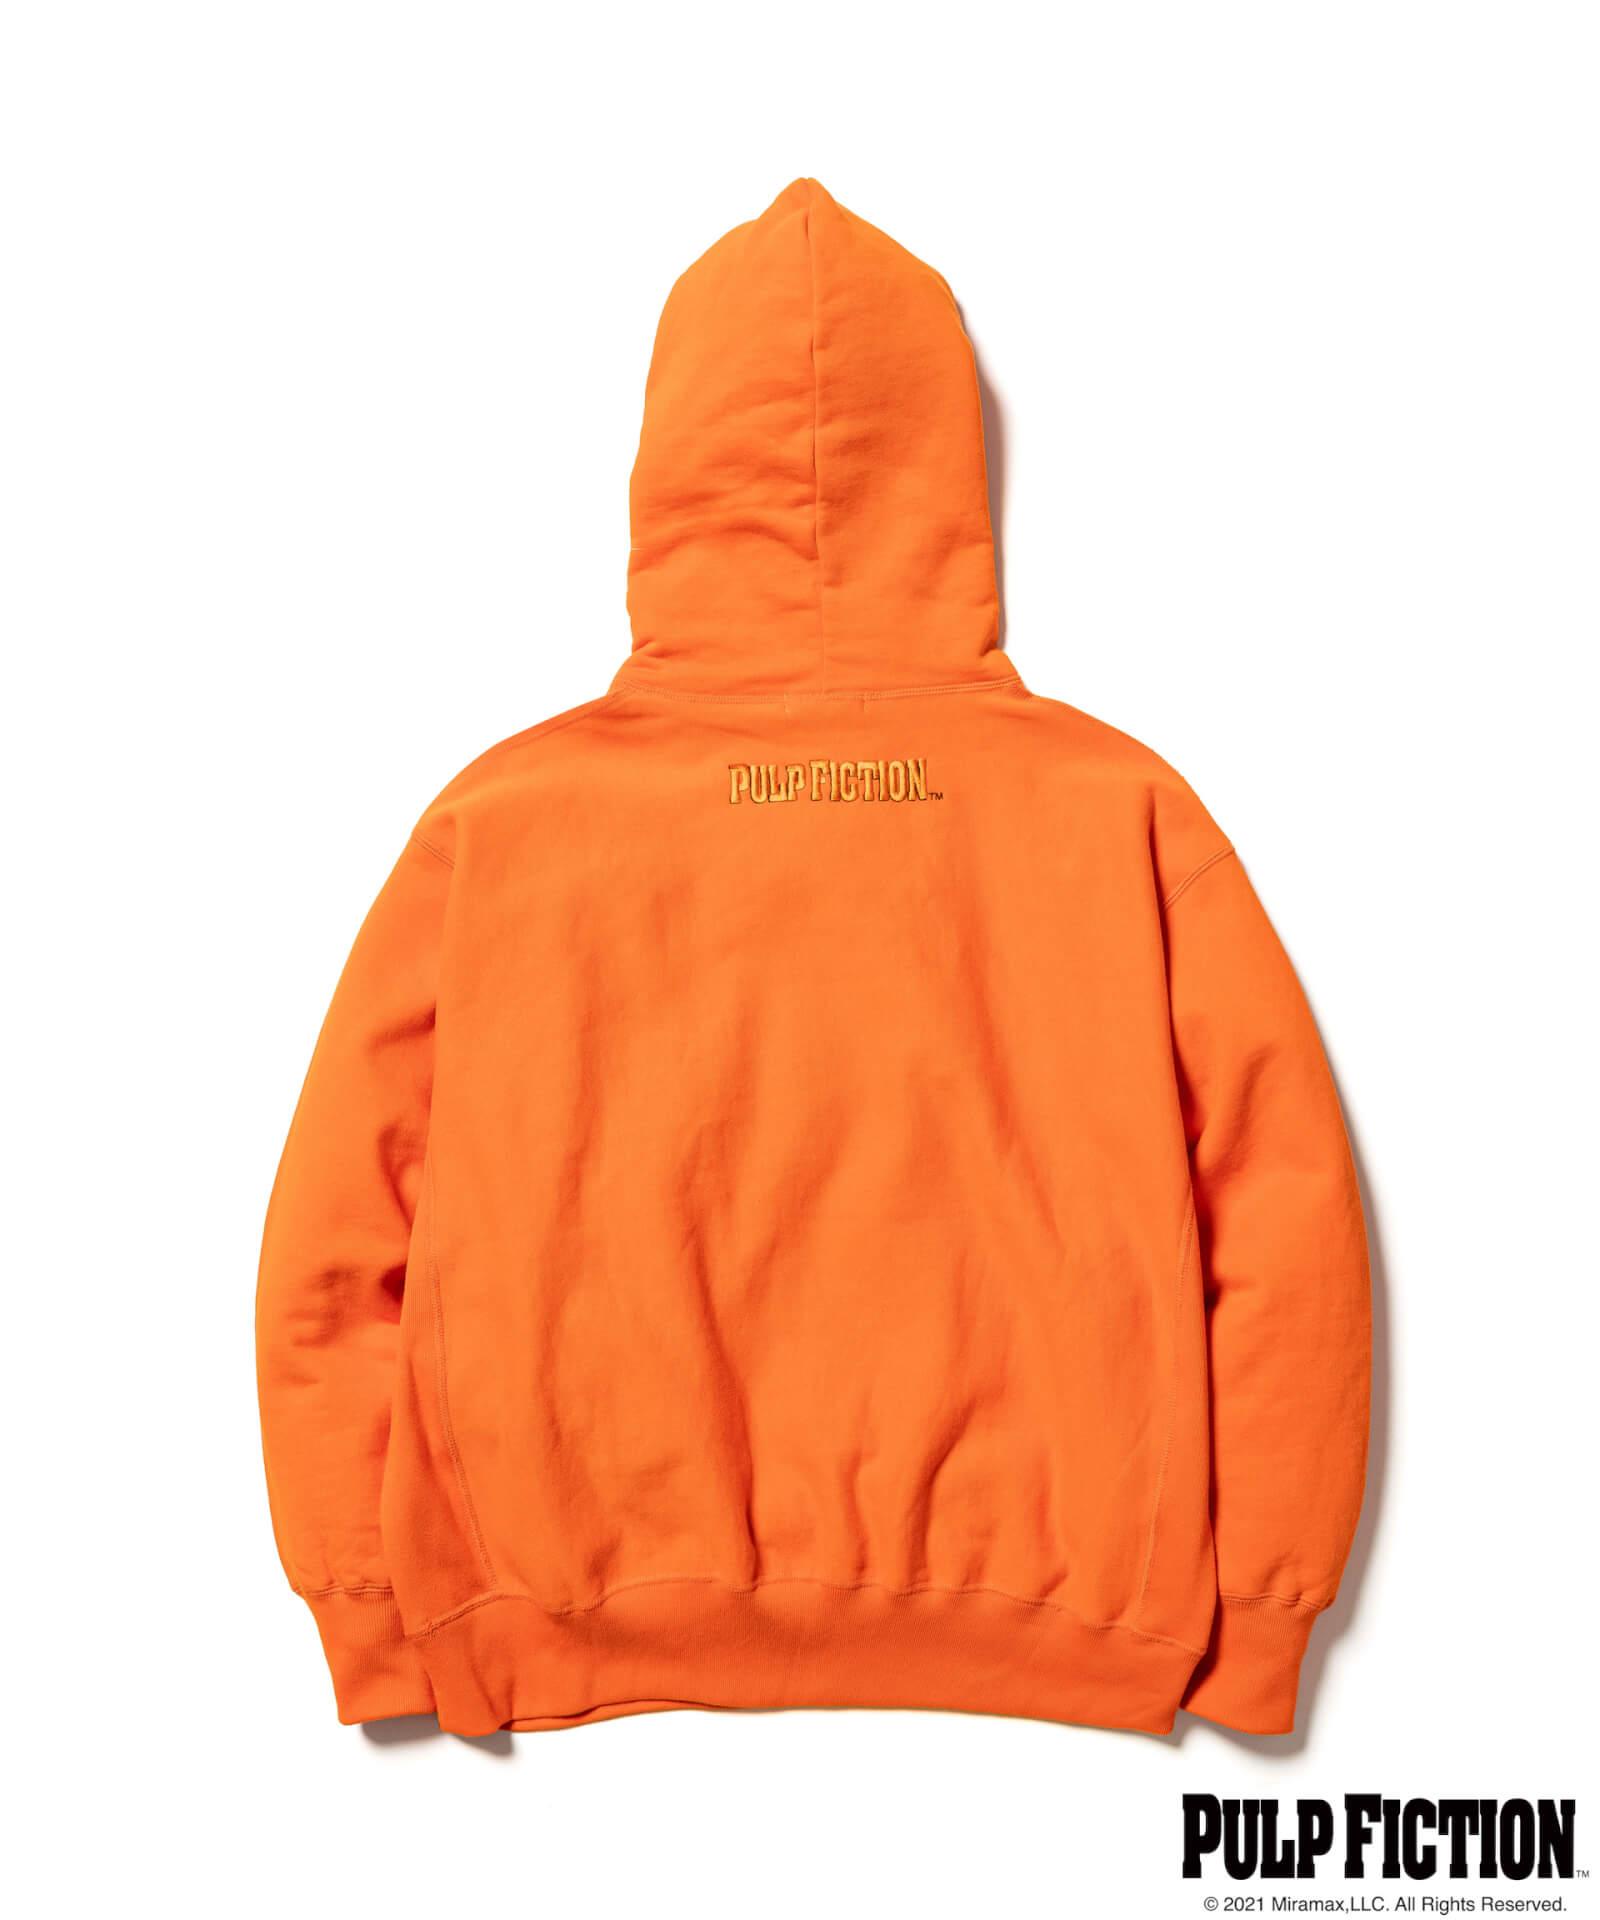 映画『パルプ・フィクション』とF-LAGSTUF-Fのオリジナルアパレルコレクションが発売決定!ユマ・サーマンプリントのTシャツも fashion211006_fs-pf-05